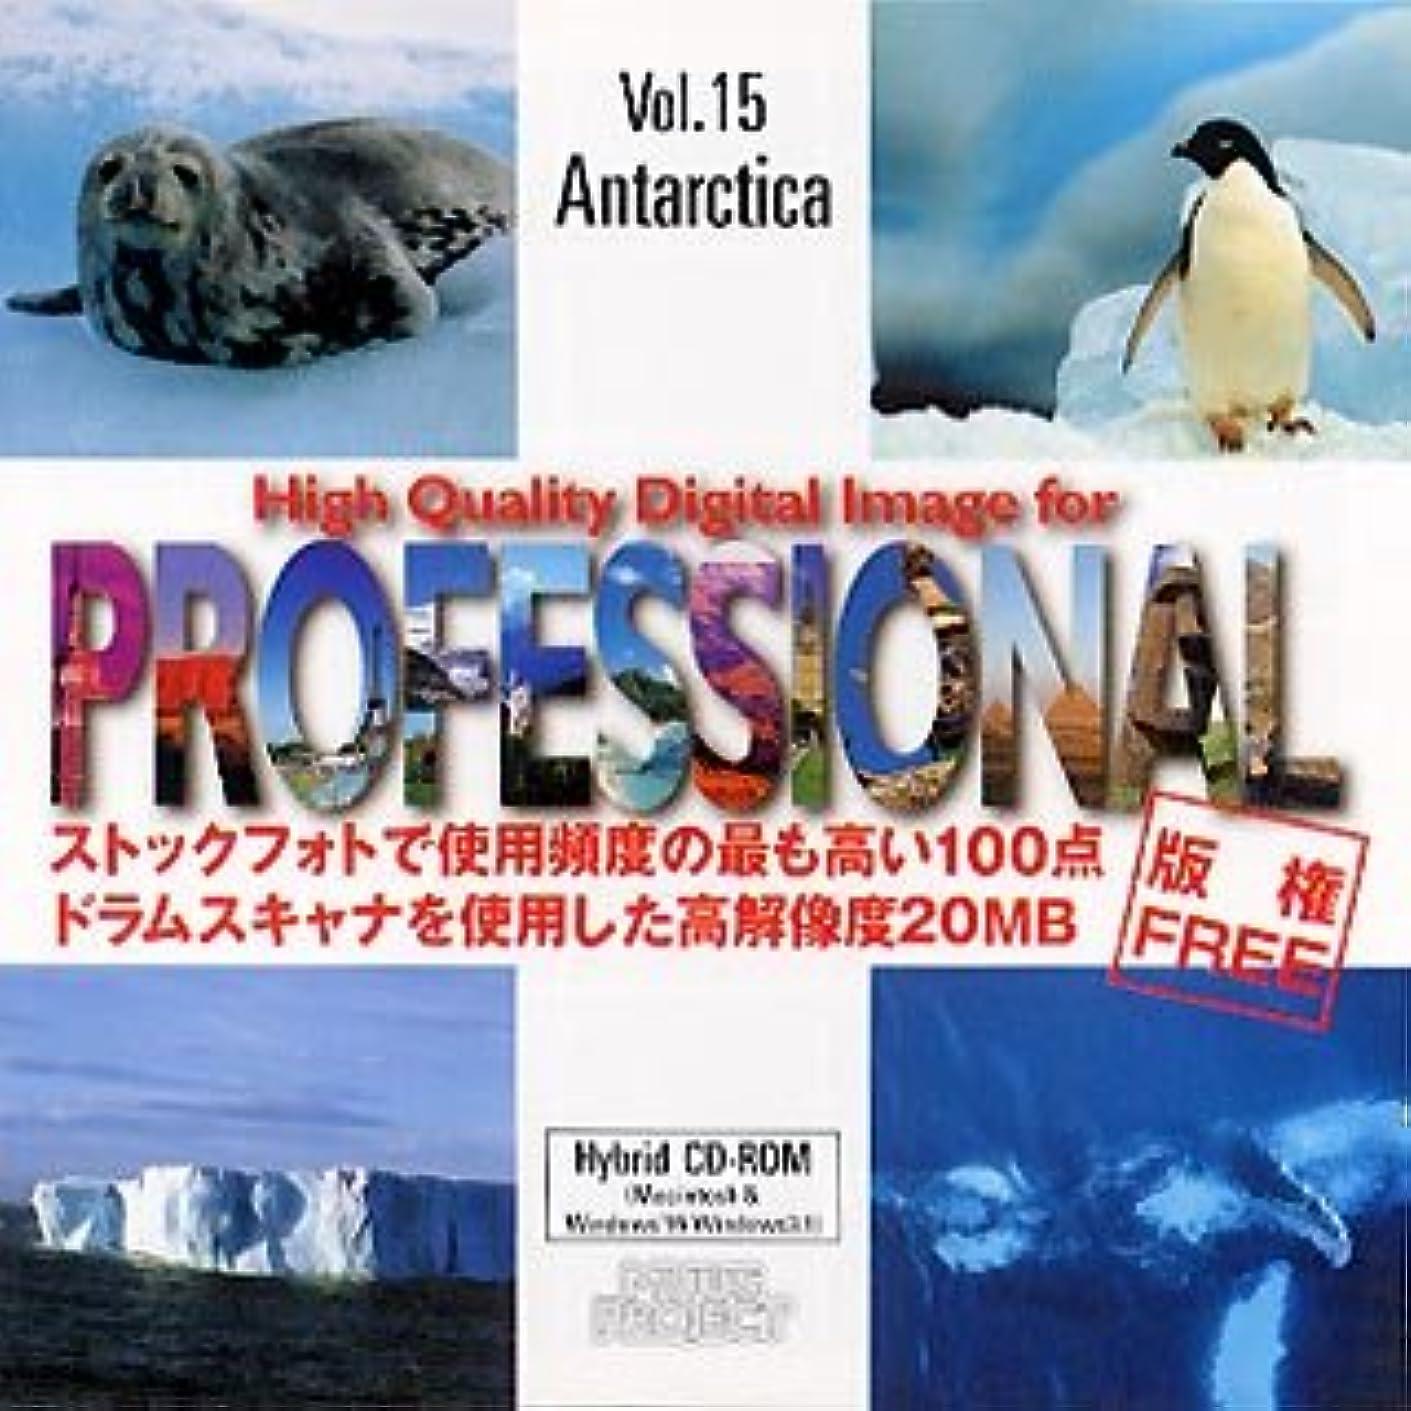 中にブラウザ永続High Quality Digital Image for Professional Vol.15 Antarctica